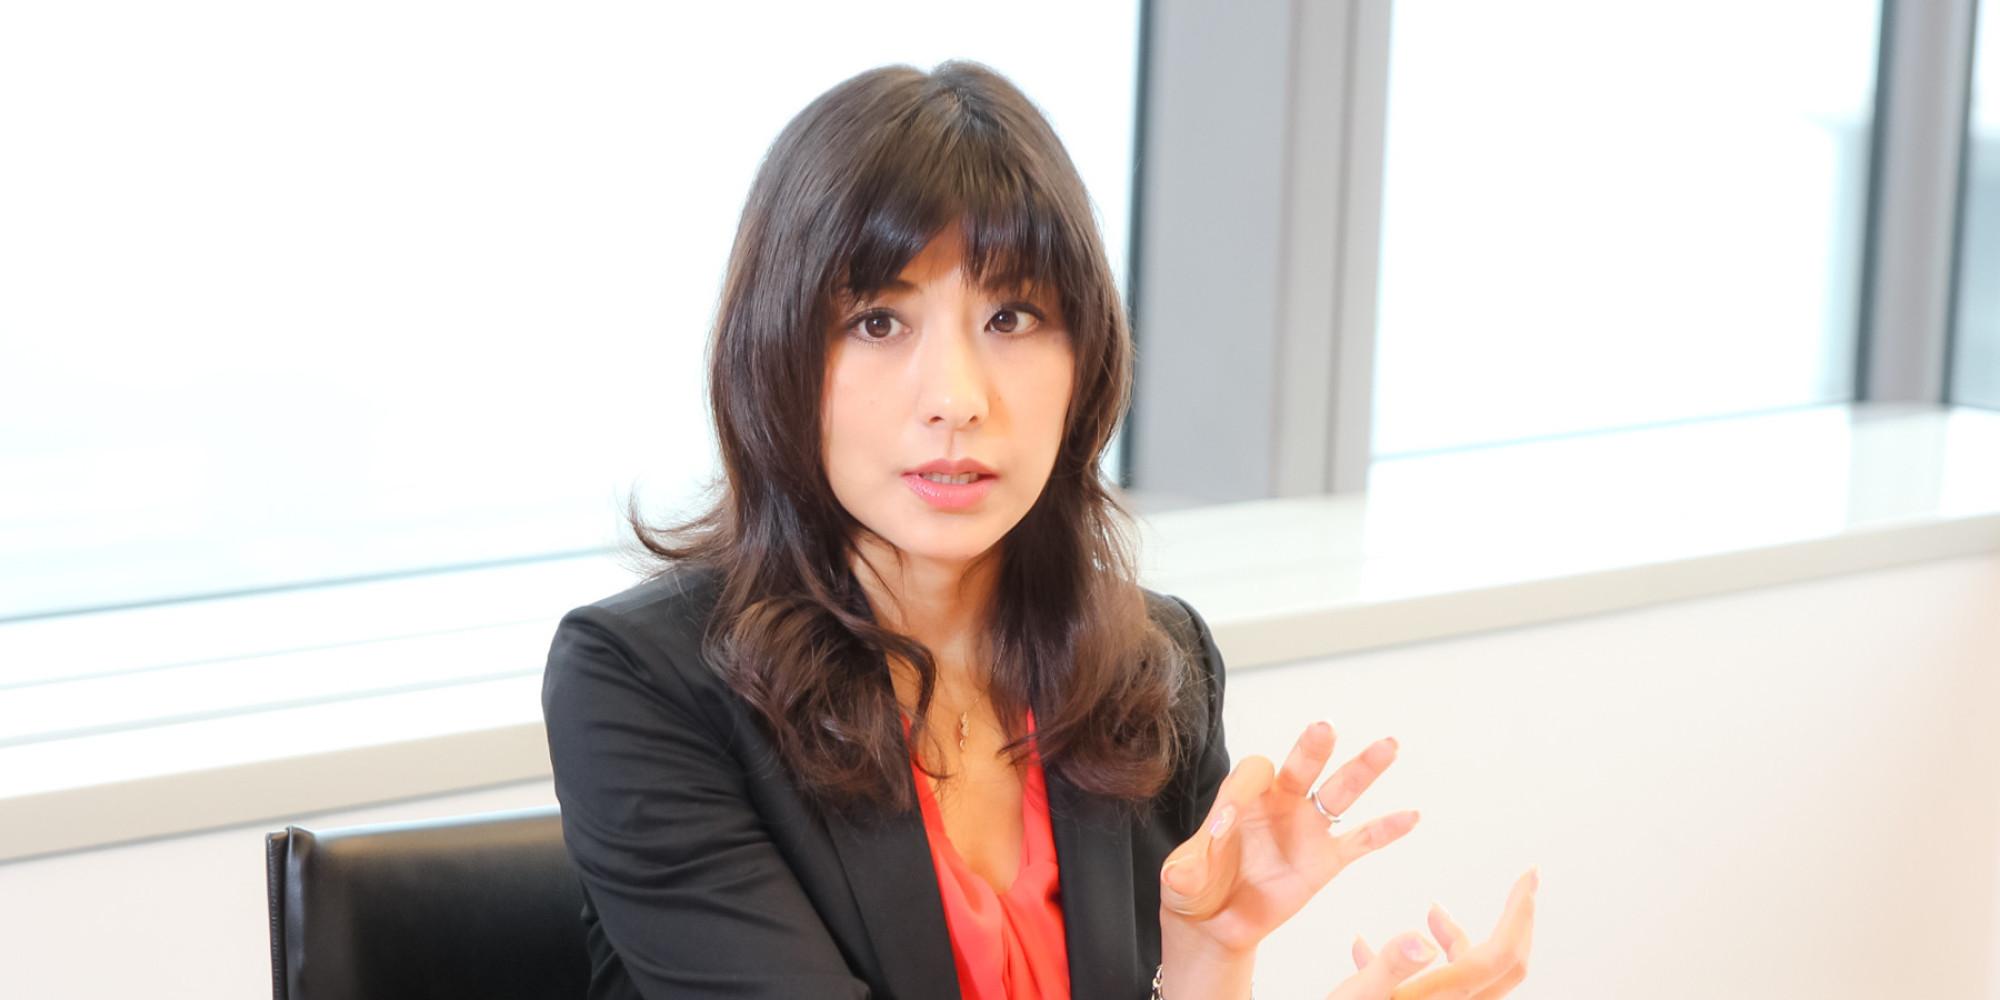 「長時間労働をやめれば、日本は変わる」小室淑恵さんに聞く衆院選の争点【少子化・ワークライフバランス】